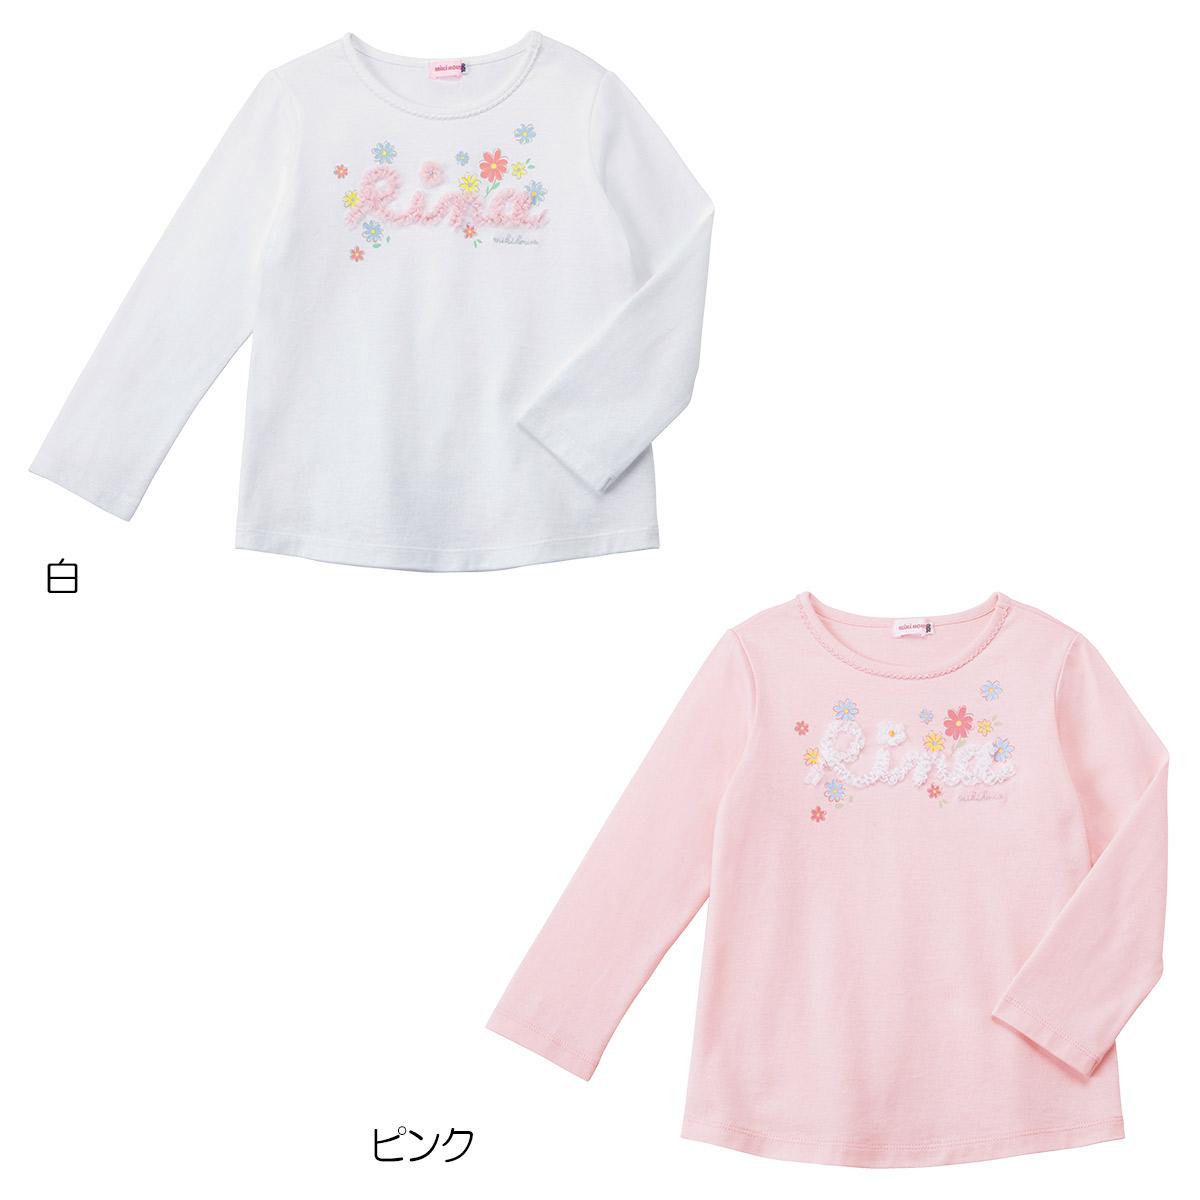 ミキハウス mikihouse リーナちゃんチュールリボン長袖Tシャツ(110cm・120cm・130cm・140cm)